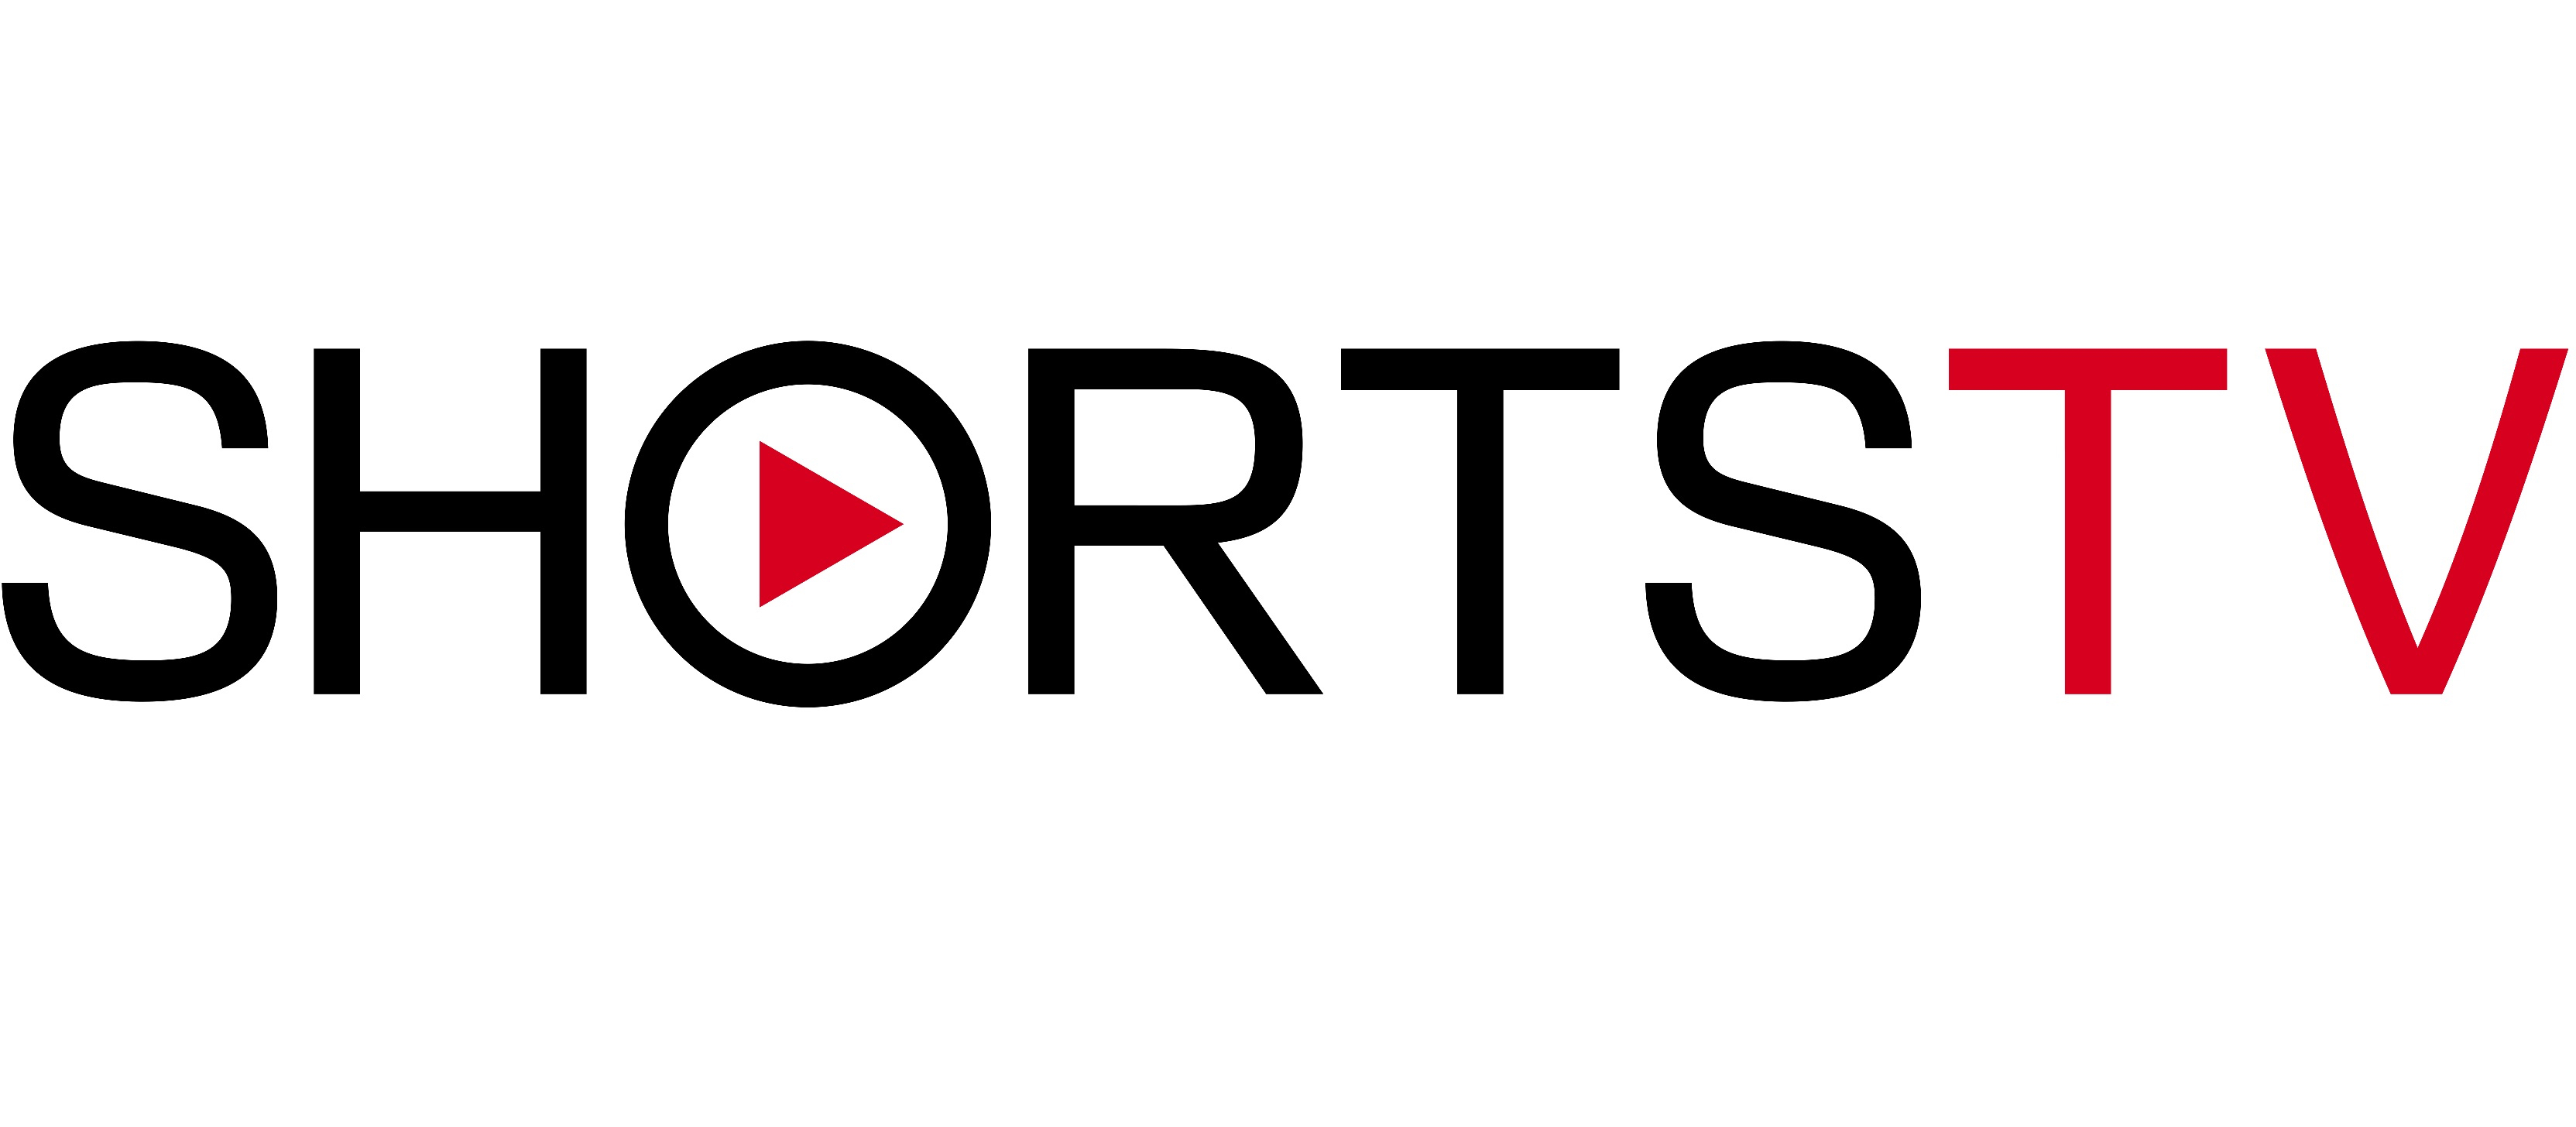 ShortsTV